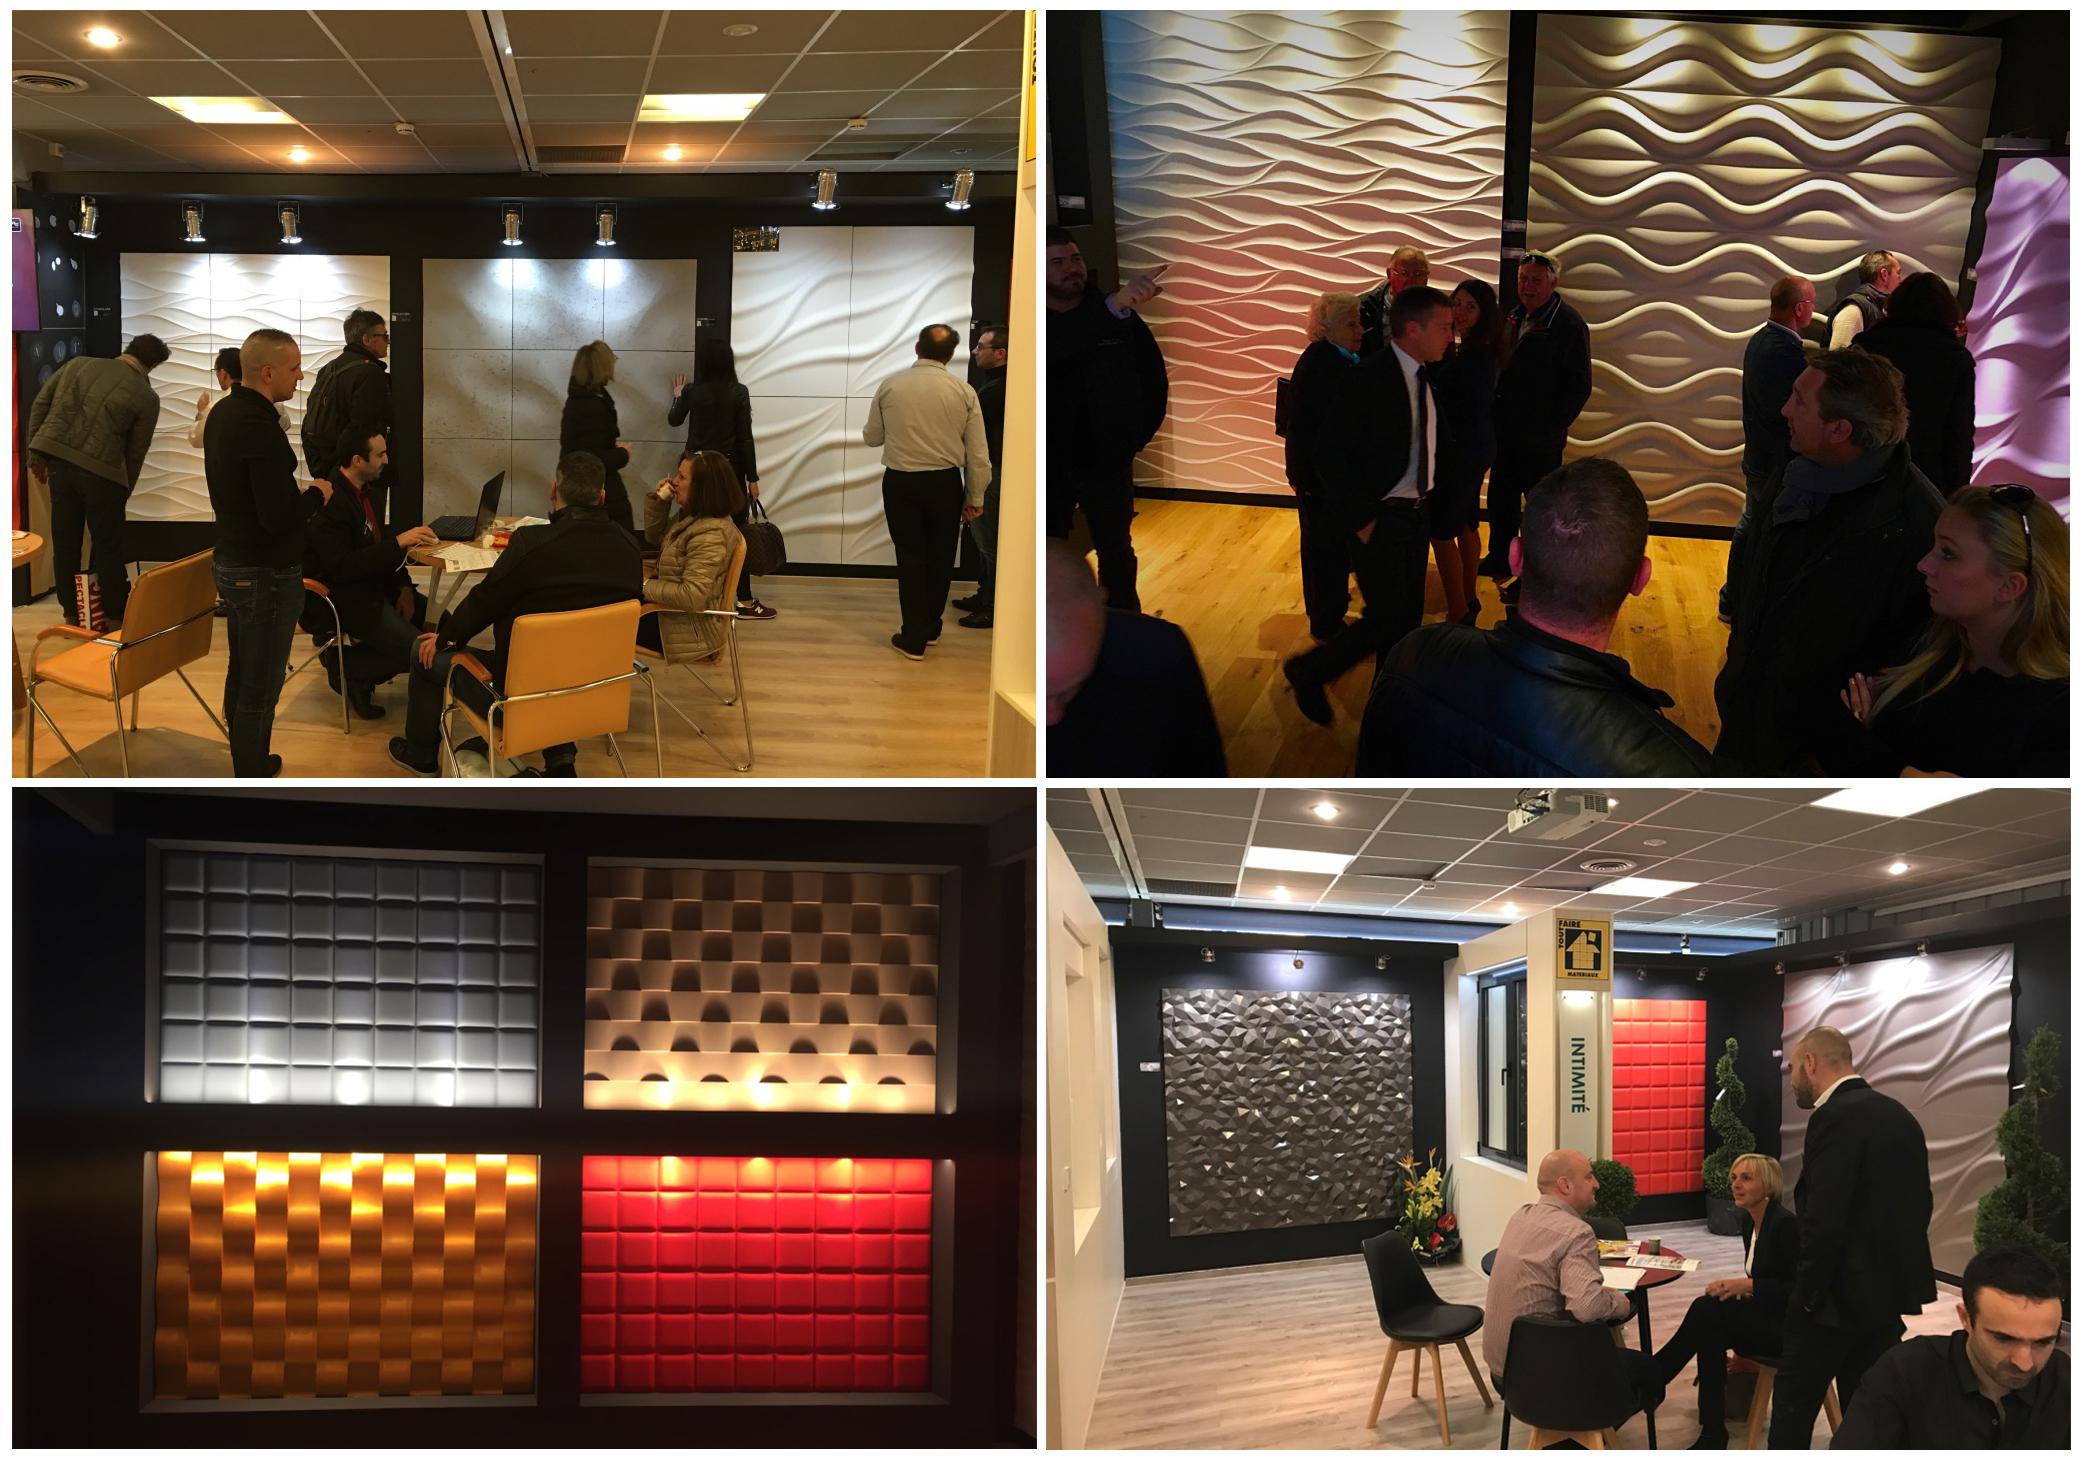 ekspozycja panele dekoracyjjne 3D